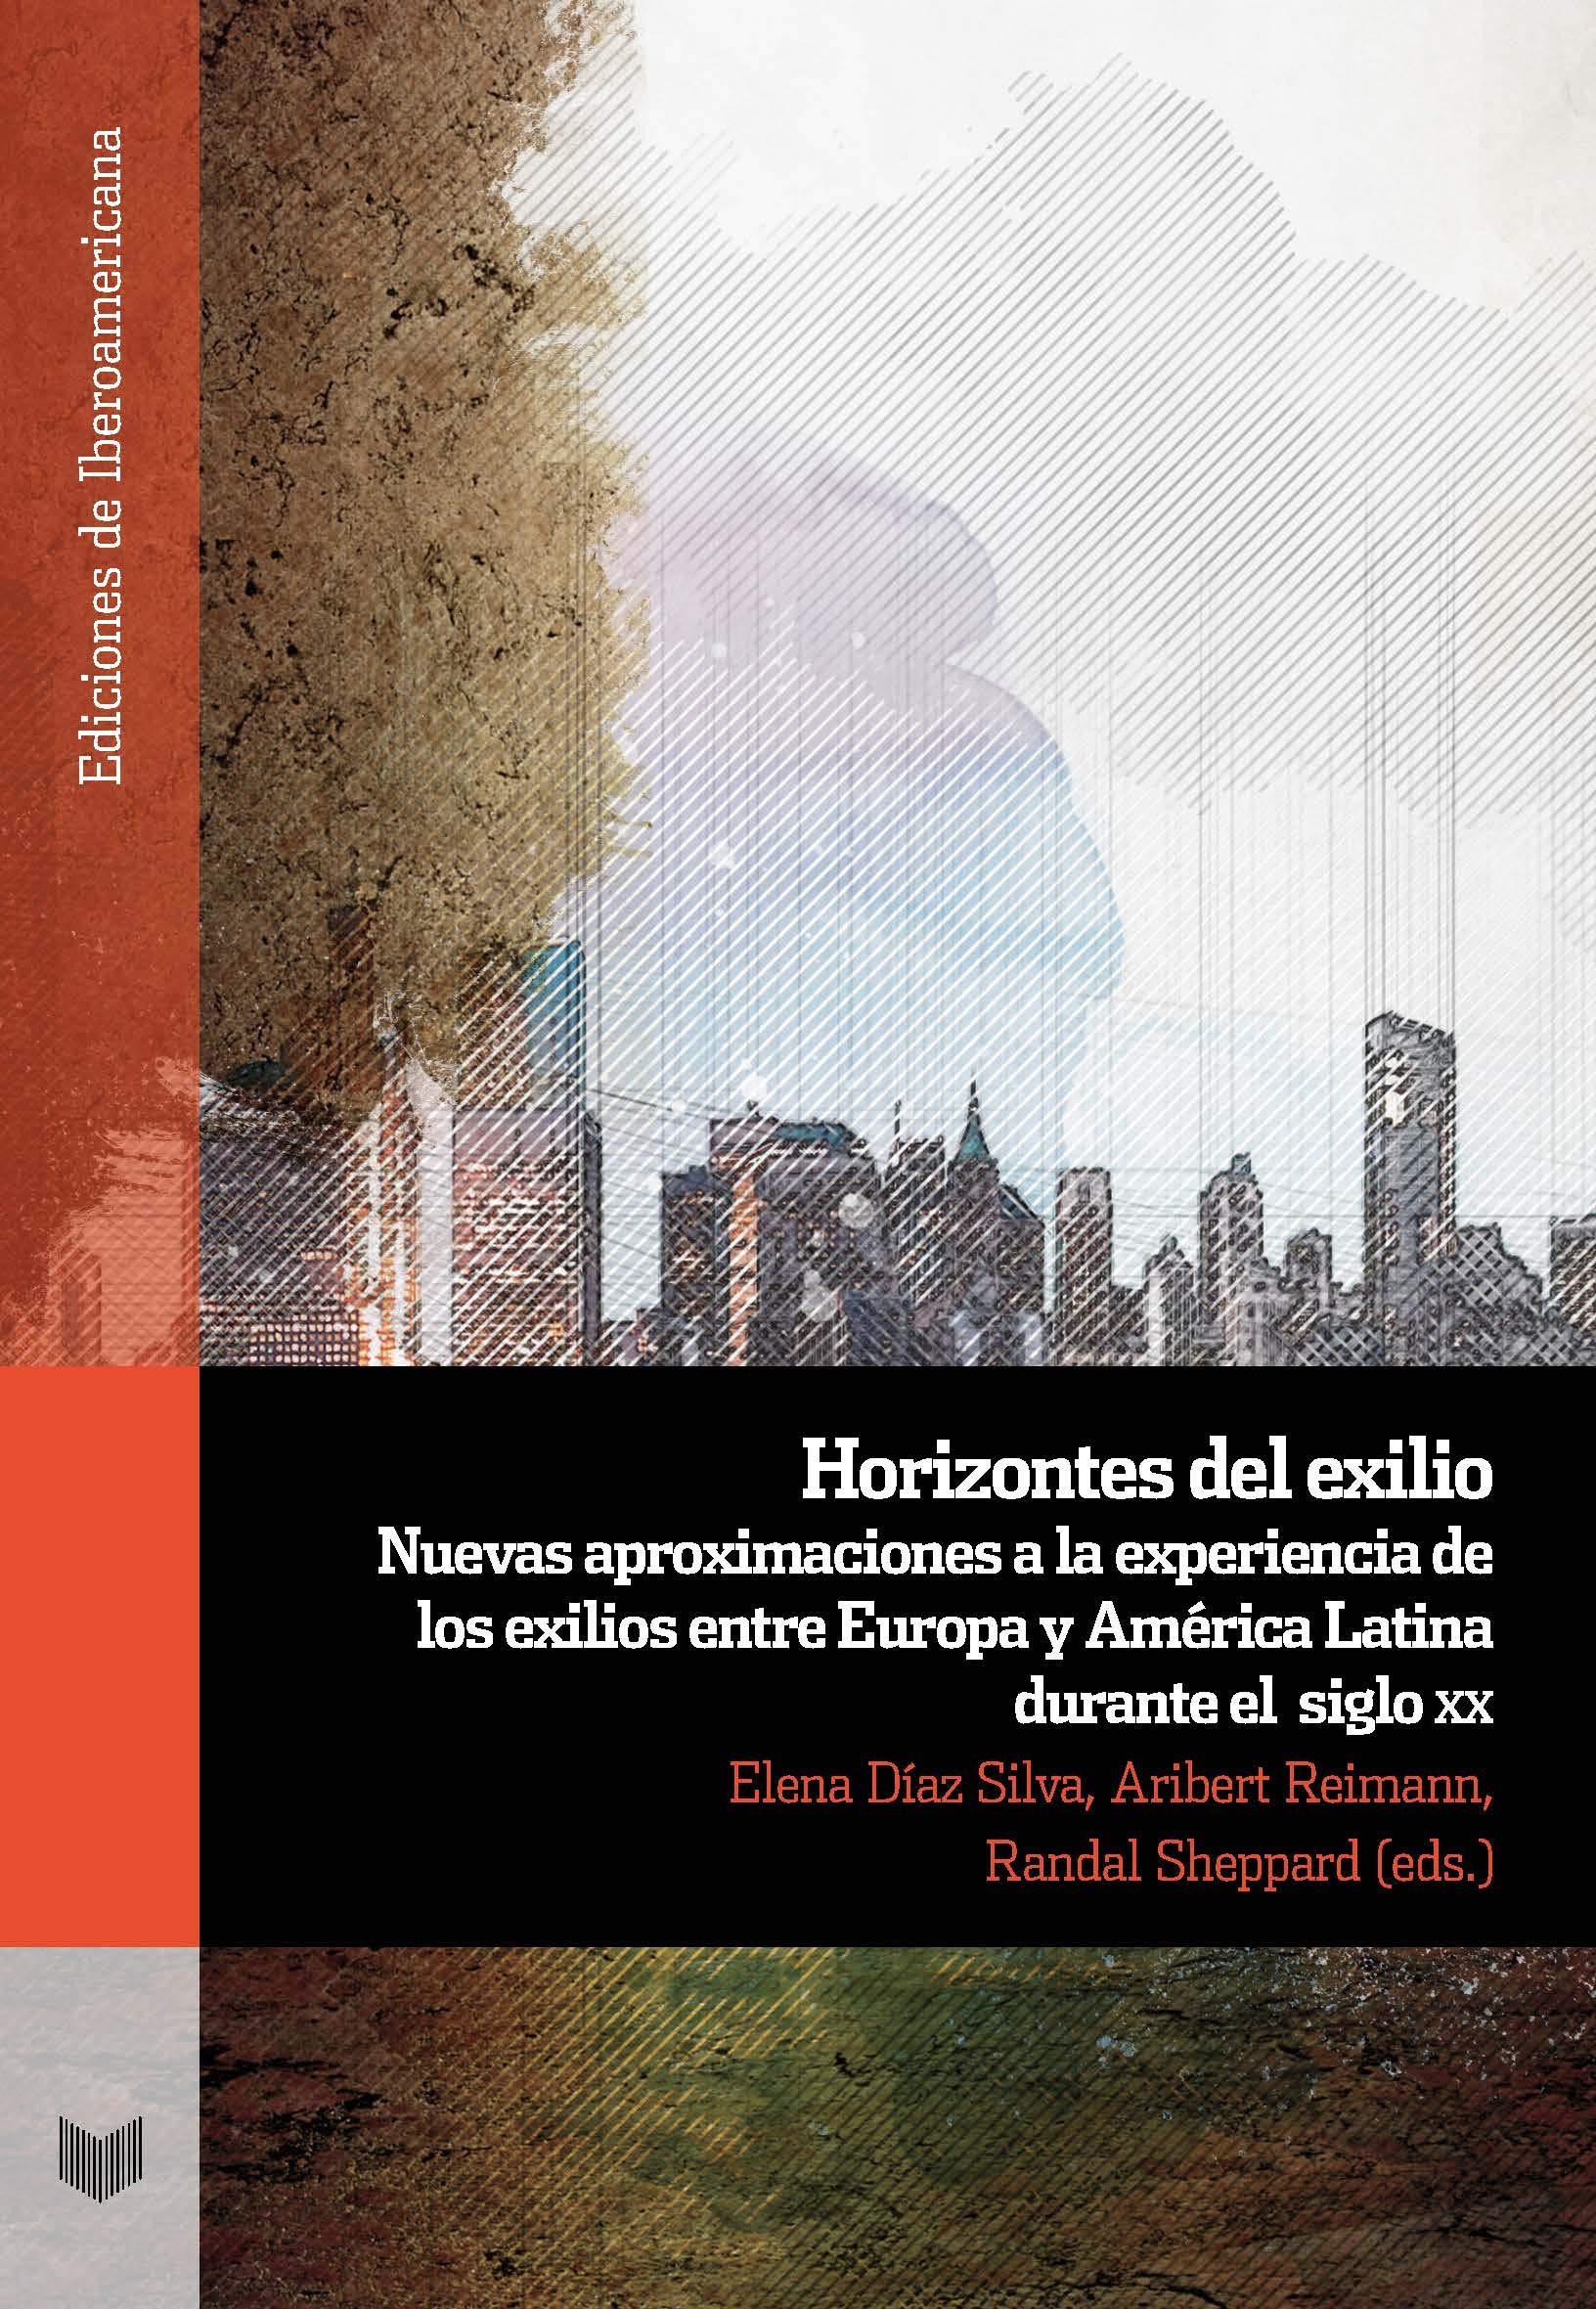 Horizontes del exilio : nuevas aproximaciones a la experiencia de los exilios entre Europa y América Latina durante el siglo XX Ediciones de Iberoamericana: Amazon.es: Díaz Silva, Elena, Reimann, Aribert, Sheppard, Randal: